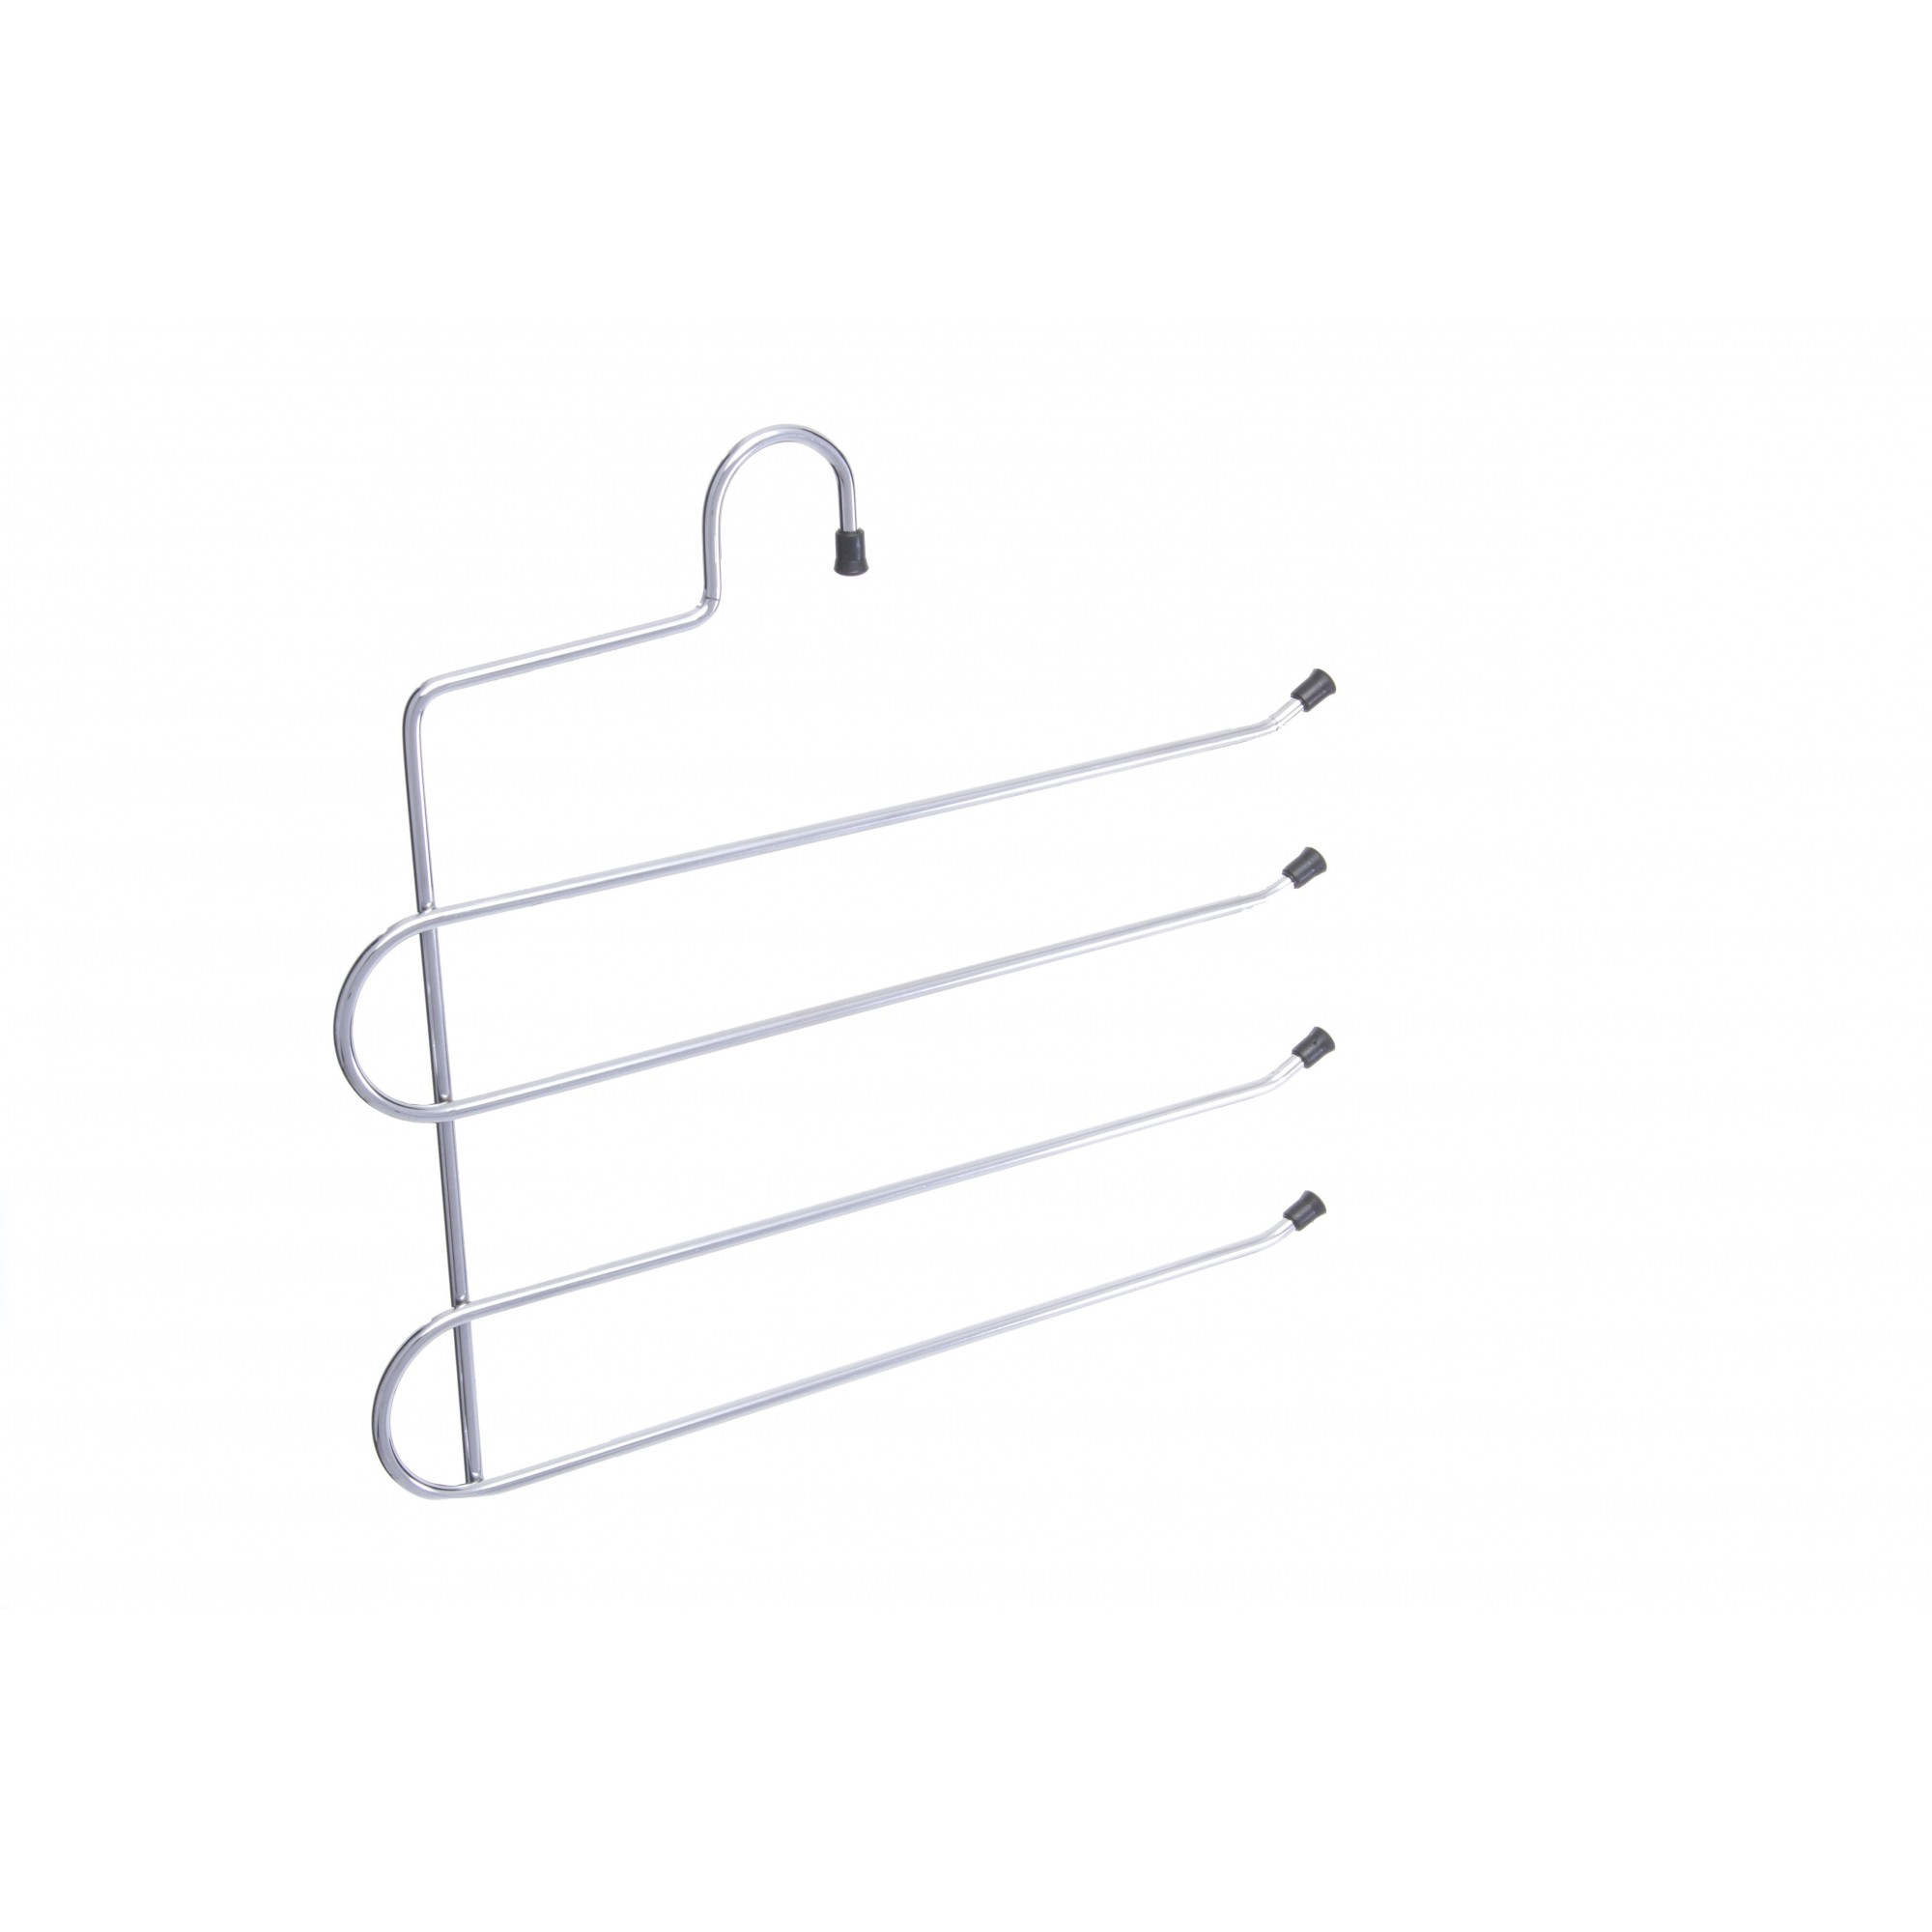 Cabide para calça cromado para 04 Calças  kit   com  02 peças